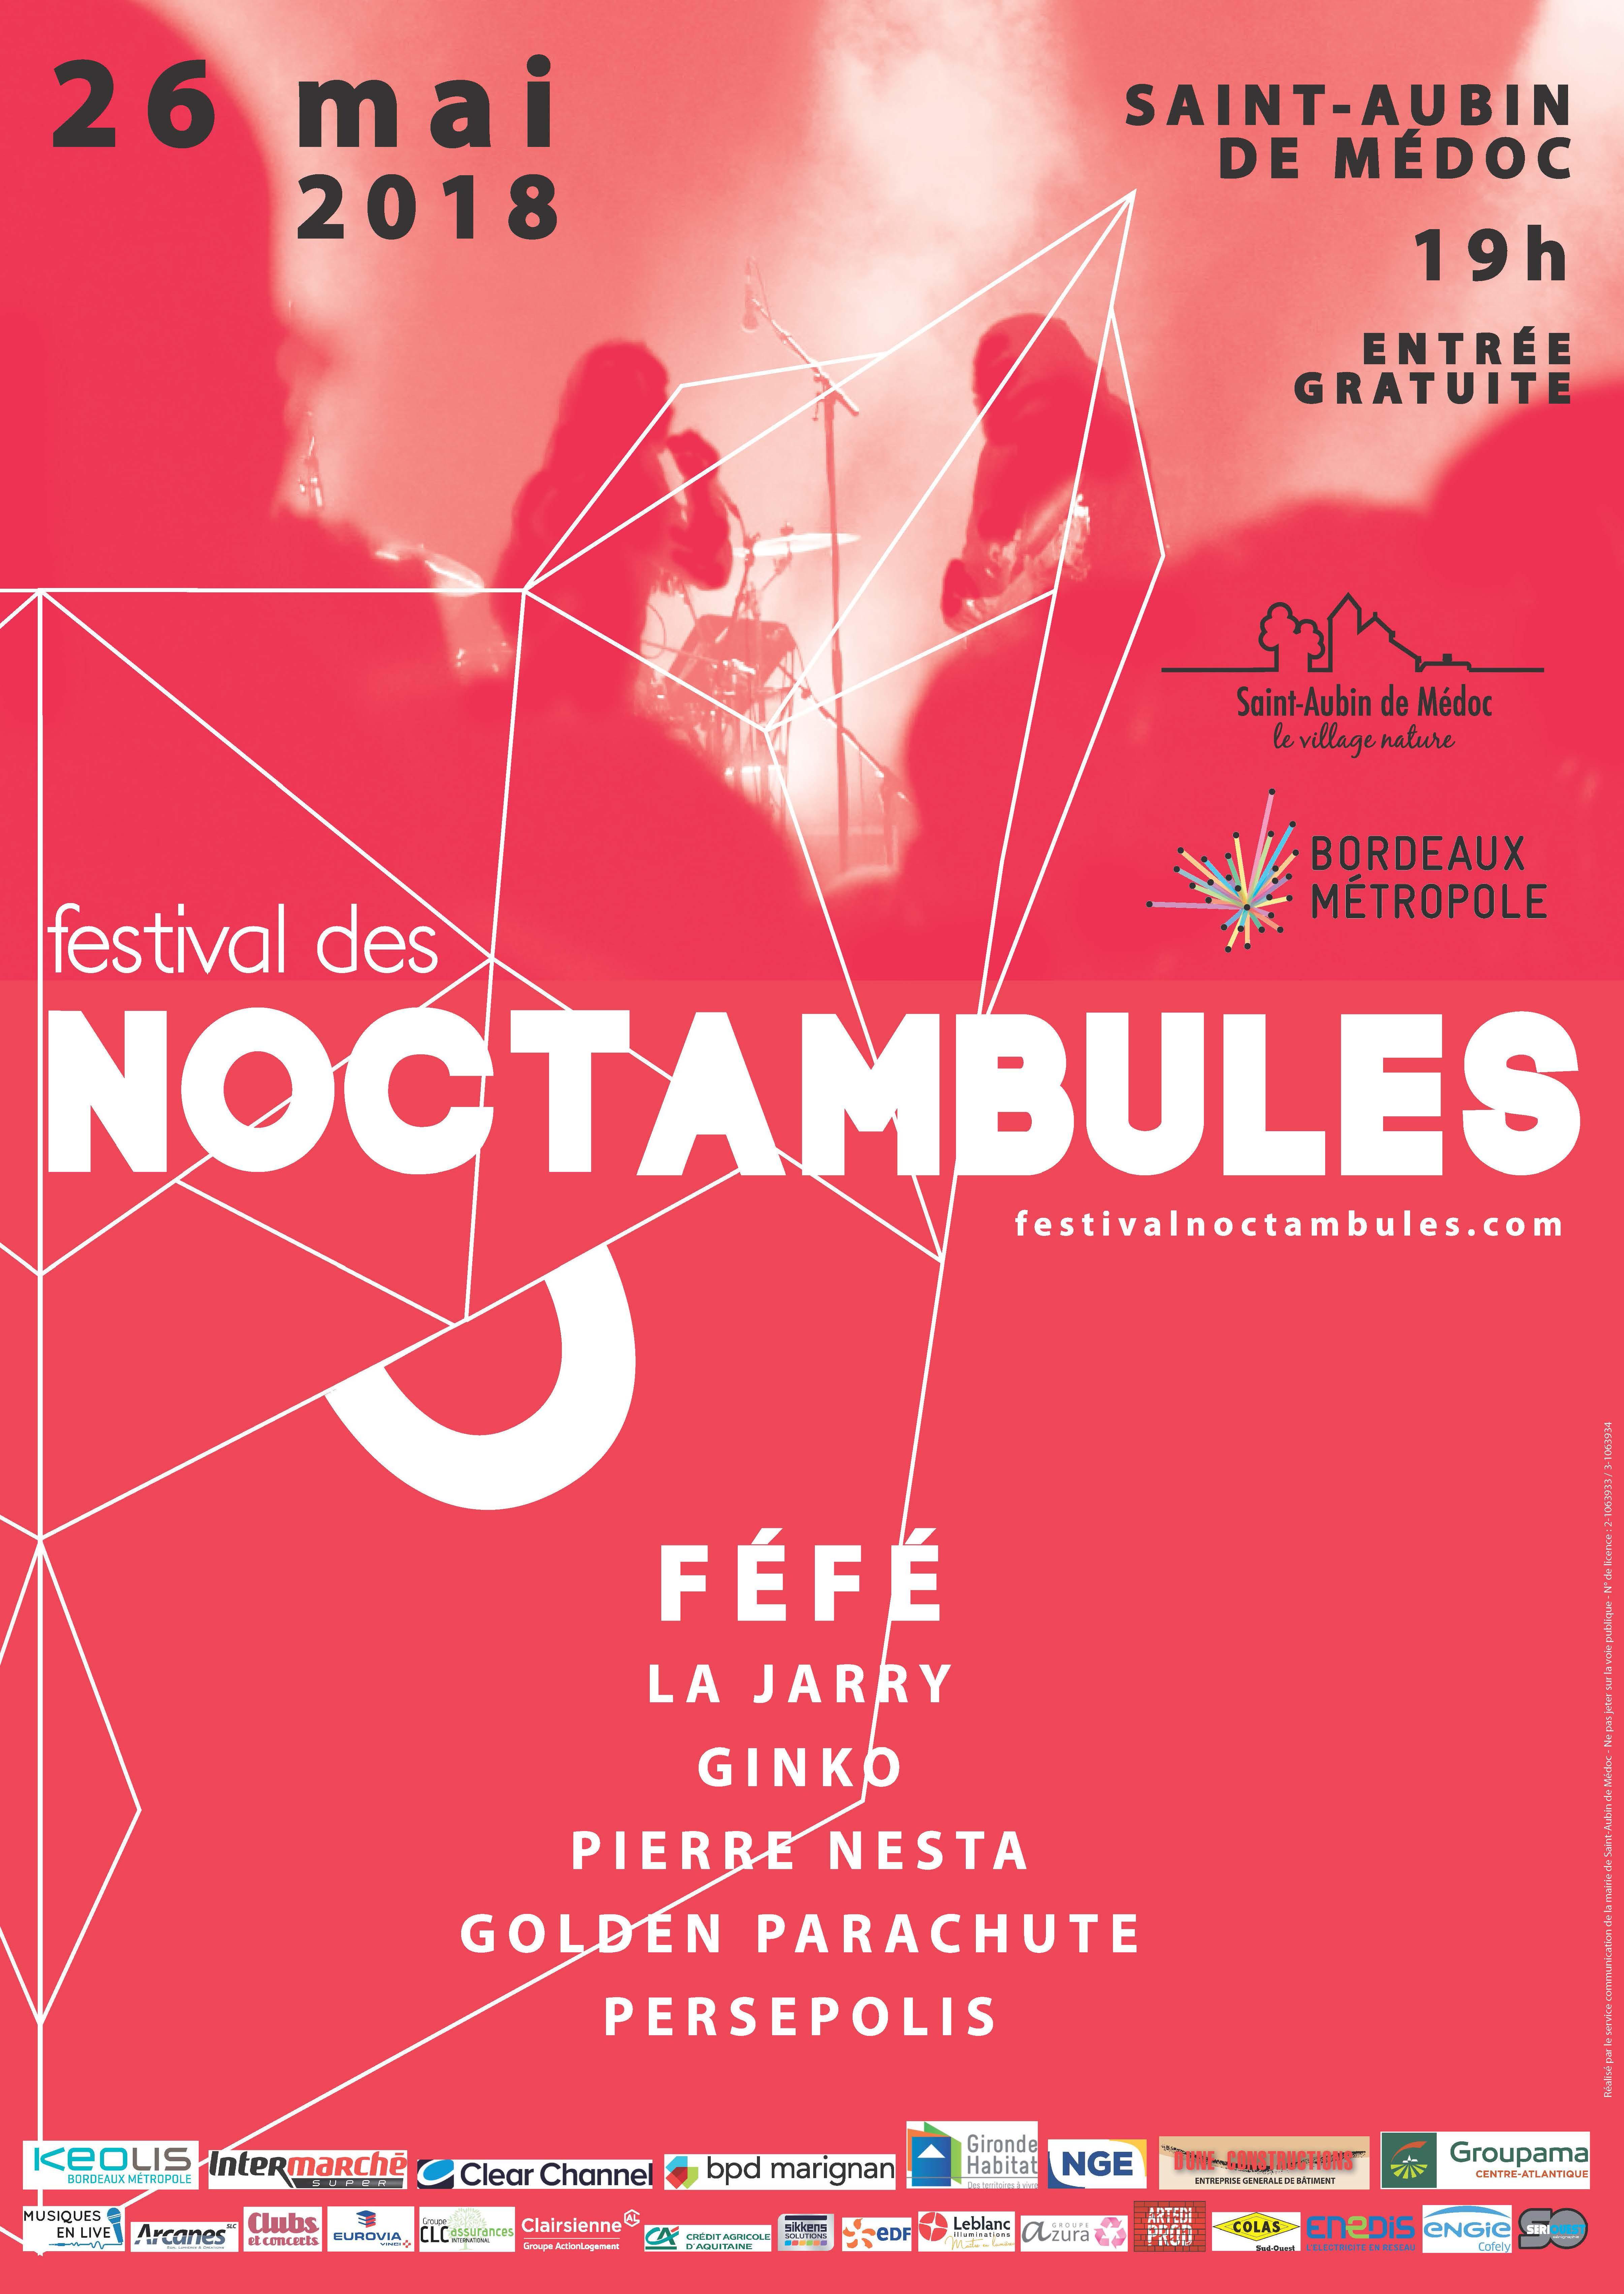 Affiche Noctambules-18